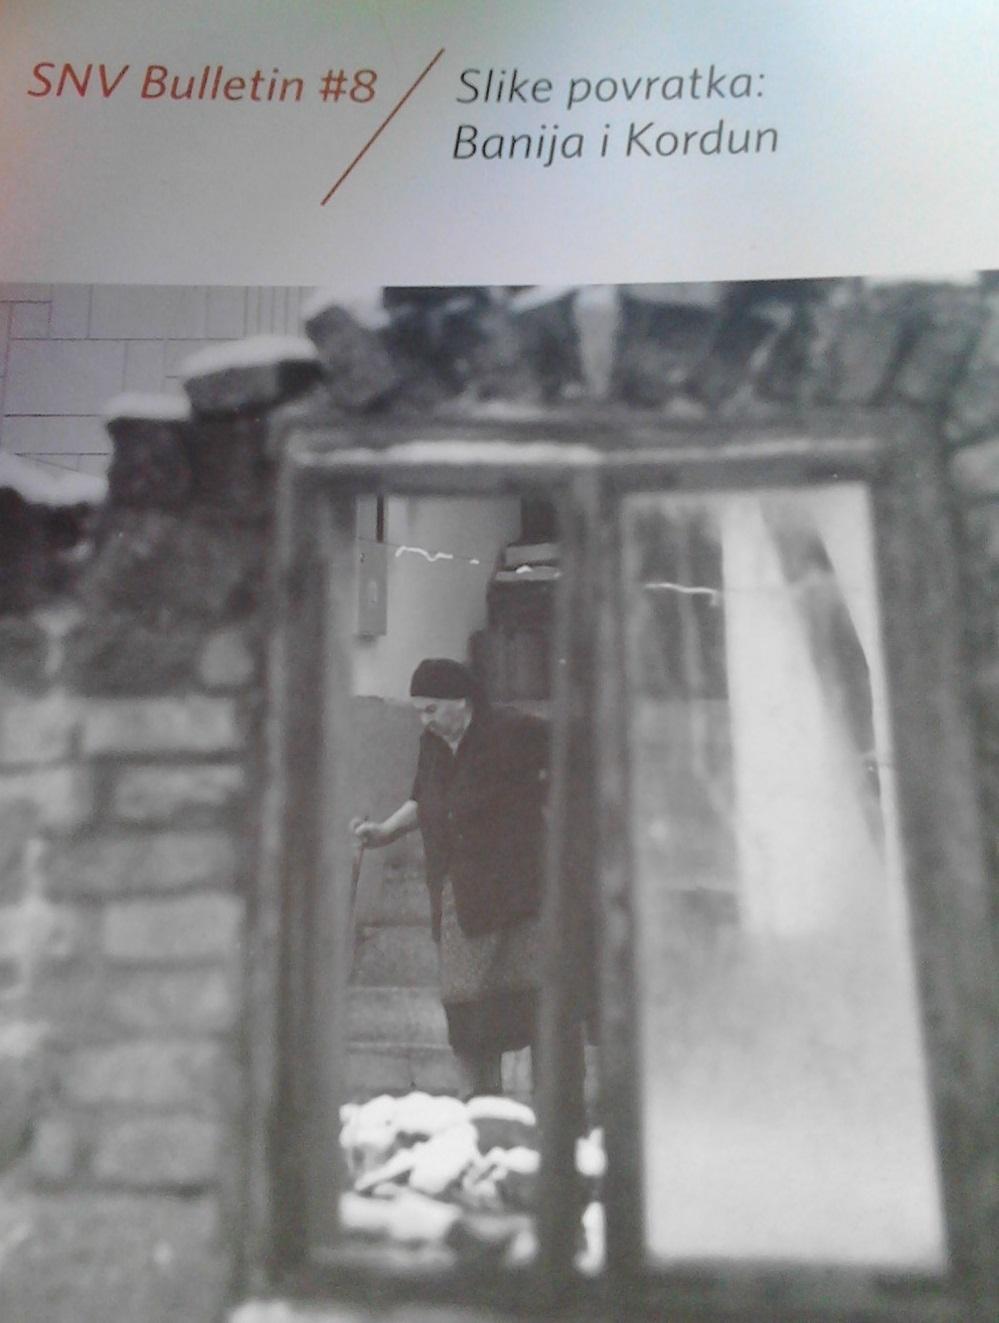 Slike povratka: Banija i Kordun